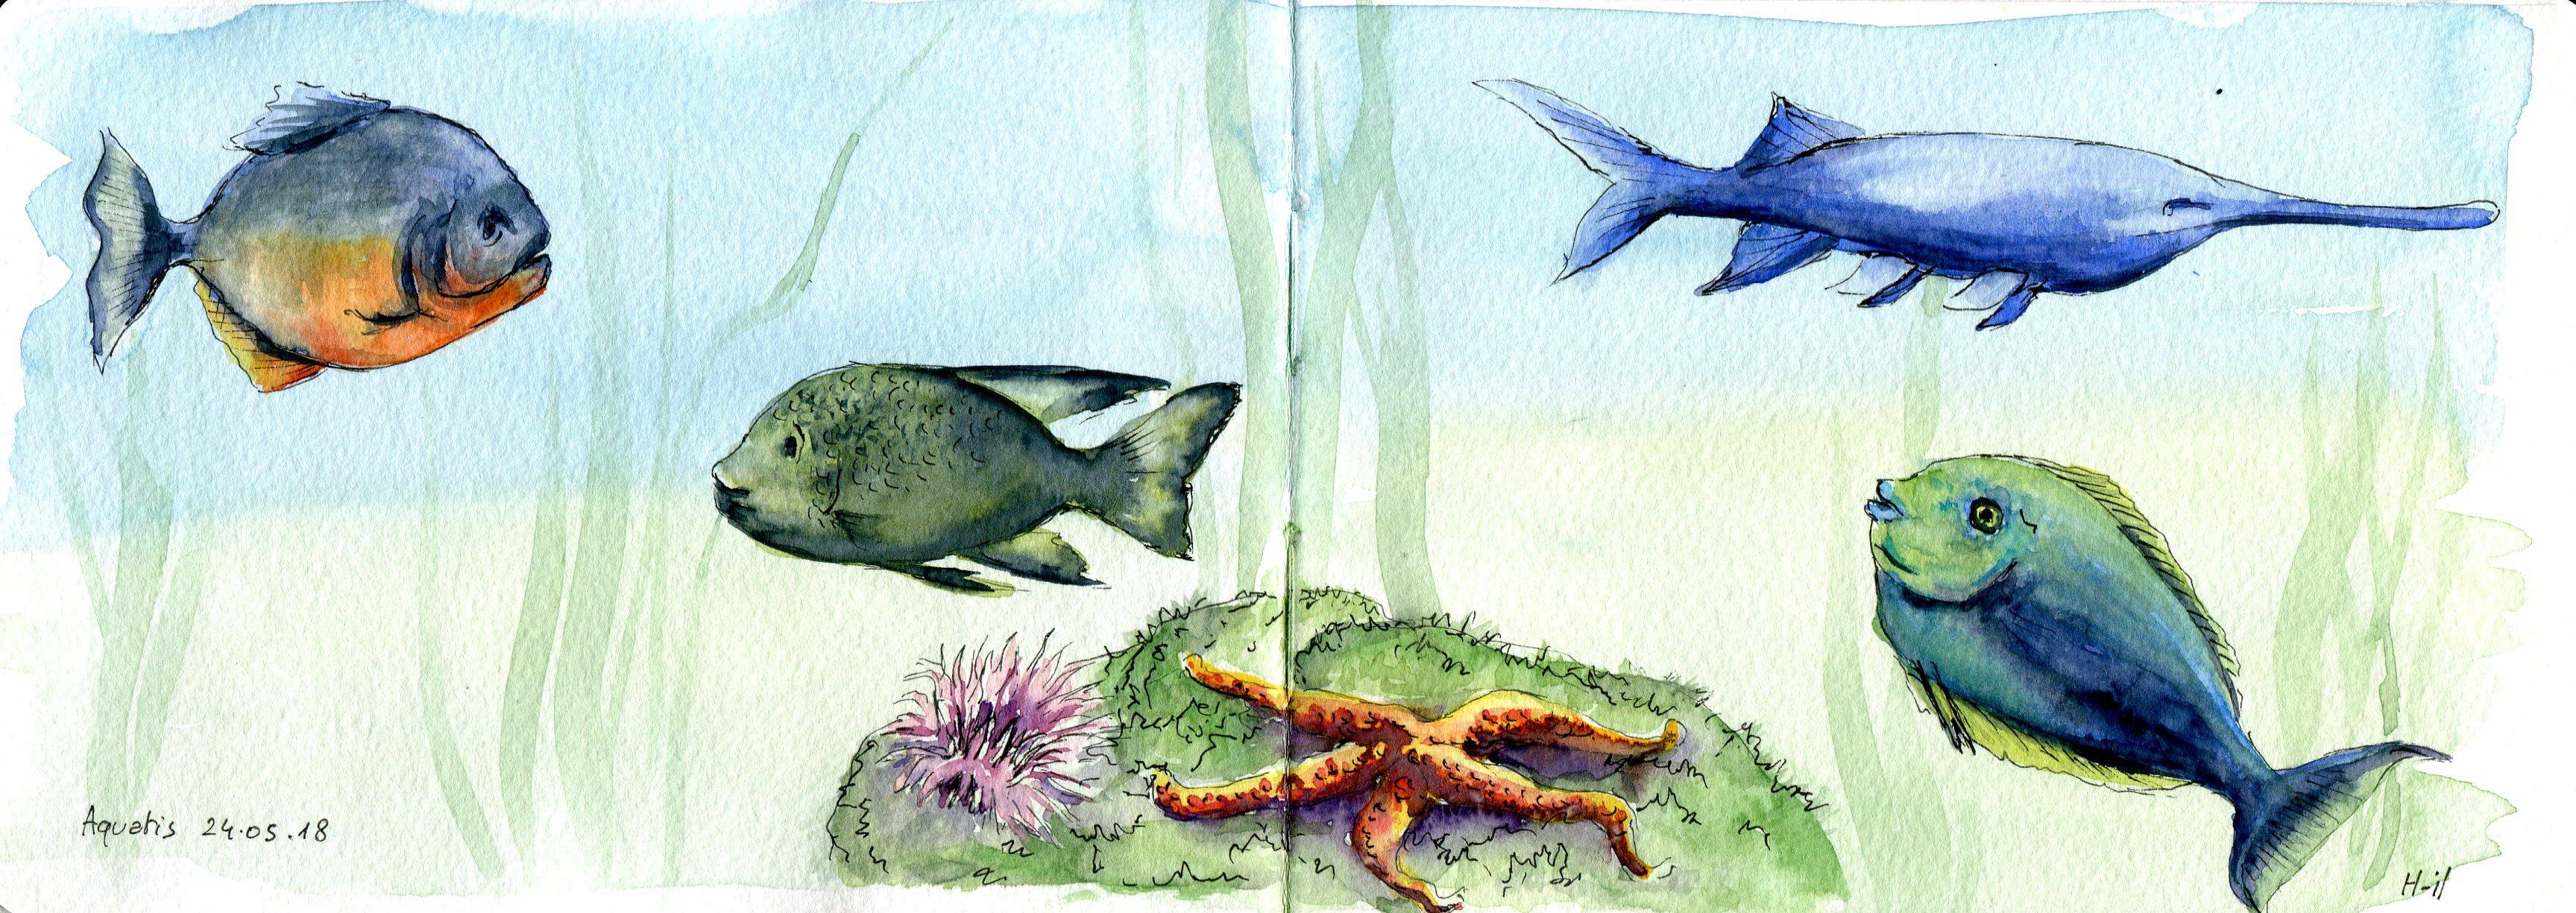 Aquatis 4 poissons